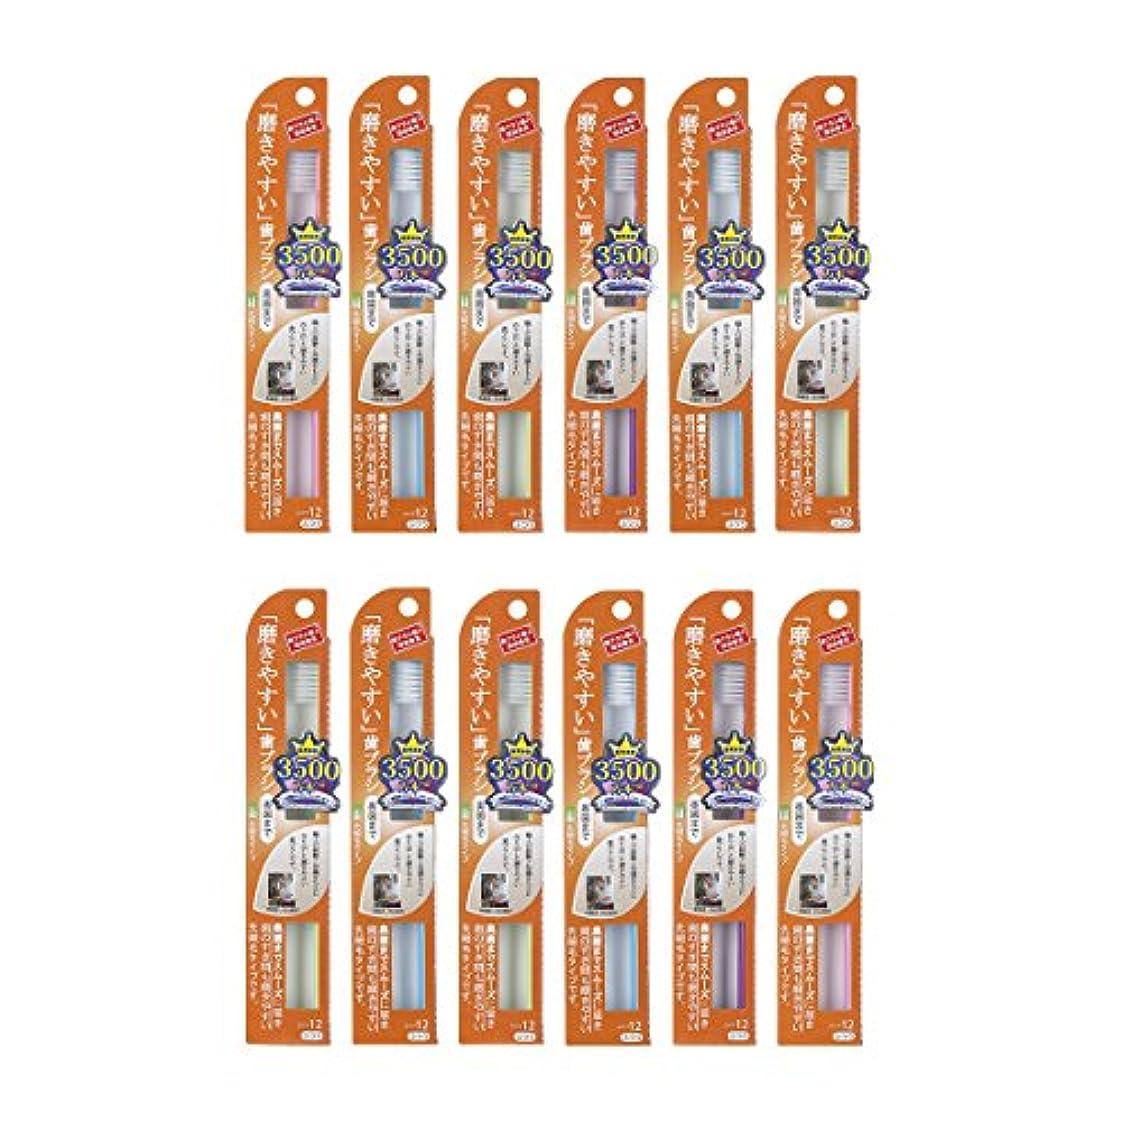 売り手証拠カストディアン歯ブラシ職人Artooth ®田辺重吉 日本製 磨きやすい歯ブラシ(奥歯まで)先細毛タイプ LT-12 (12本パック)